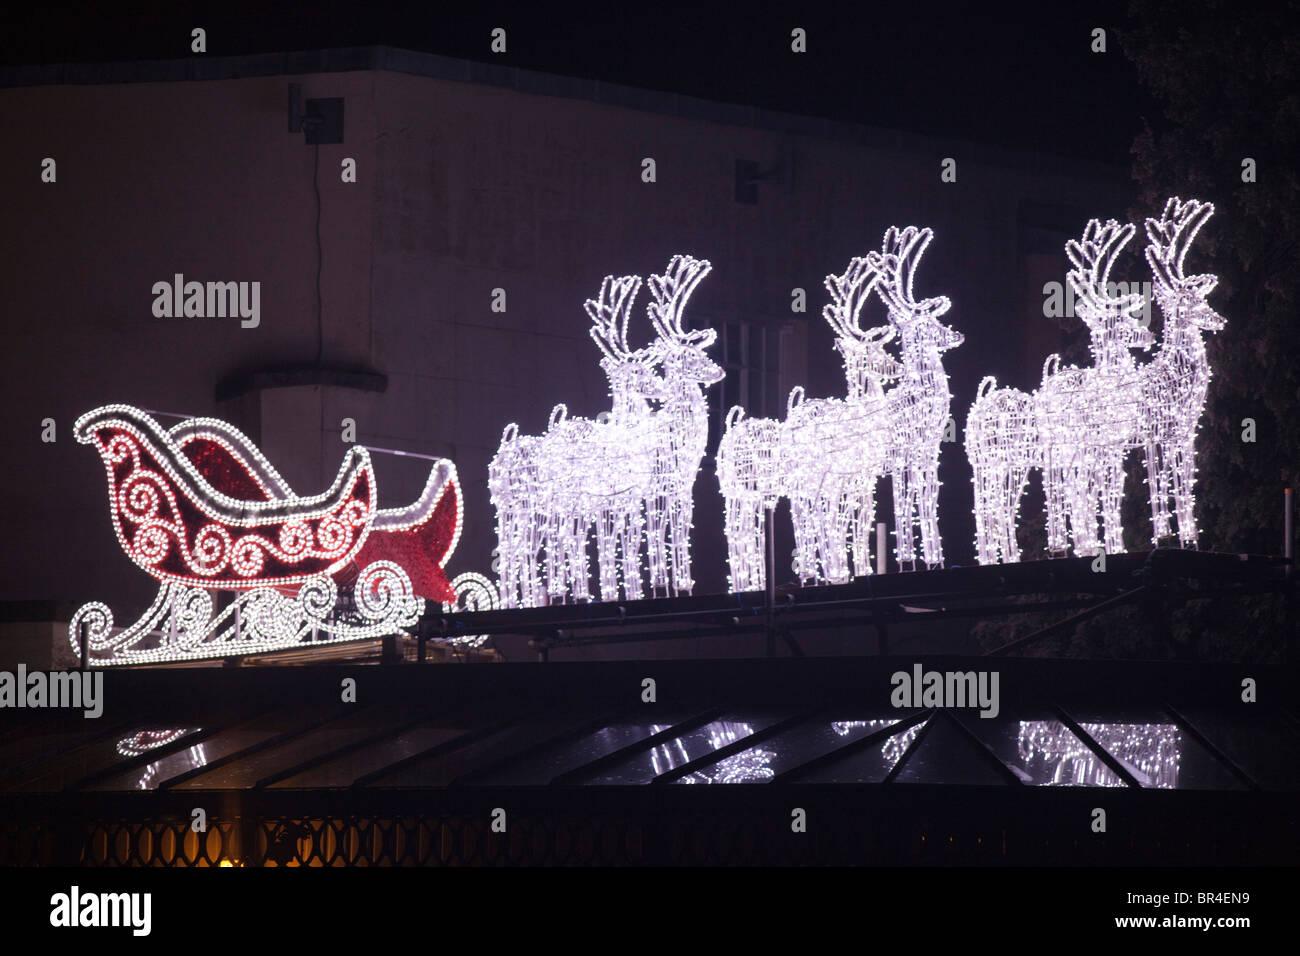 Weihnachtsbeleuchtung Schlitten.Outdoor Weihnachtsbeleuchtung Mit Schlitten Und Rentiere Des